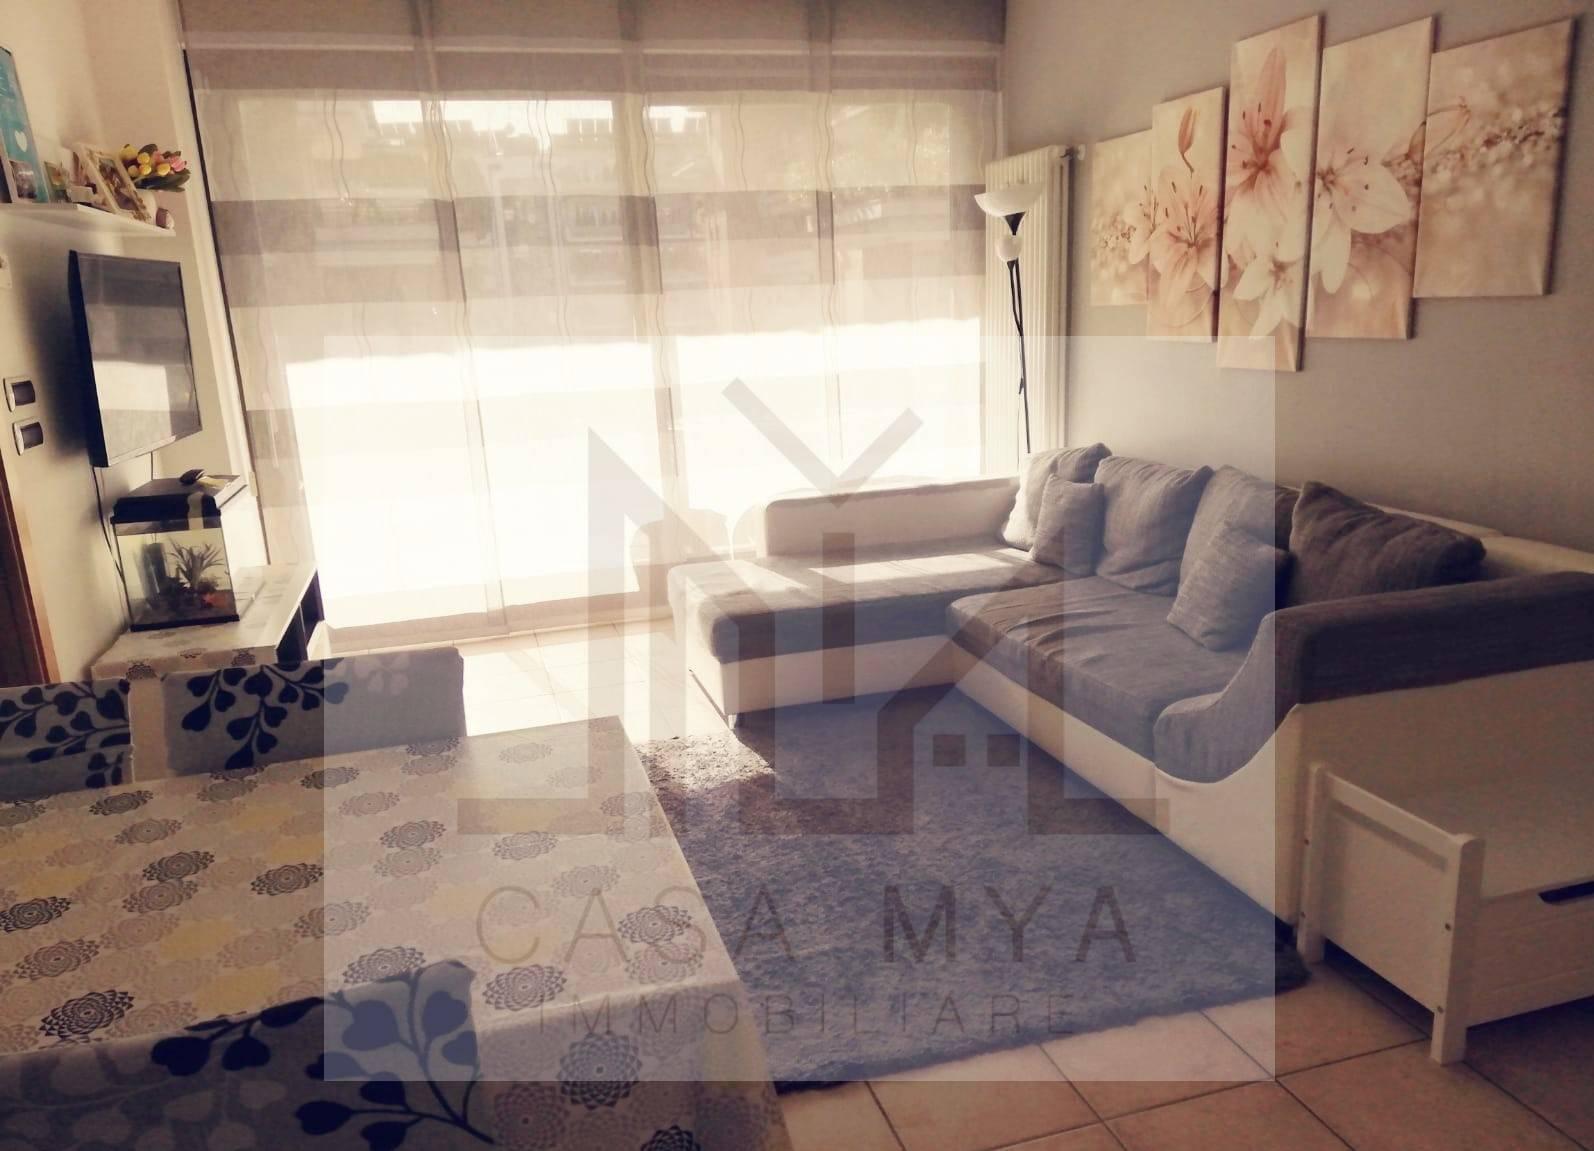 Appartamento in vendita a Laives, 3 locali, zona Località: SanGiacomo, prezzo € 340.000 | PortaleAgenzieImmobiliari.it